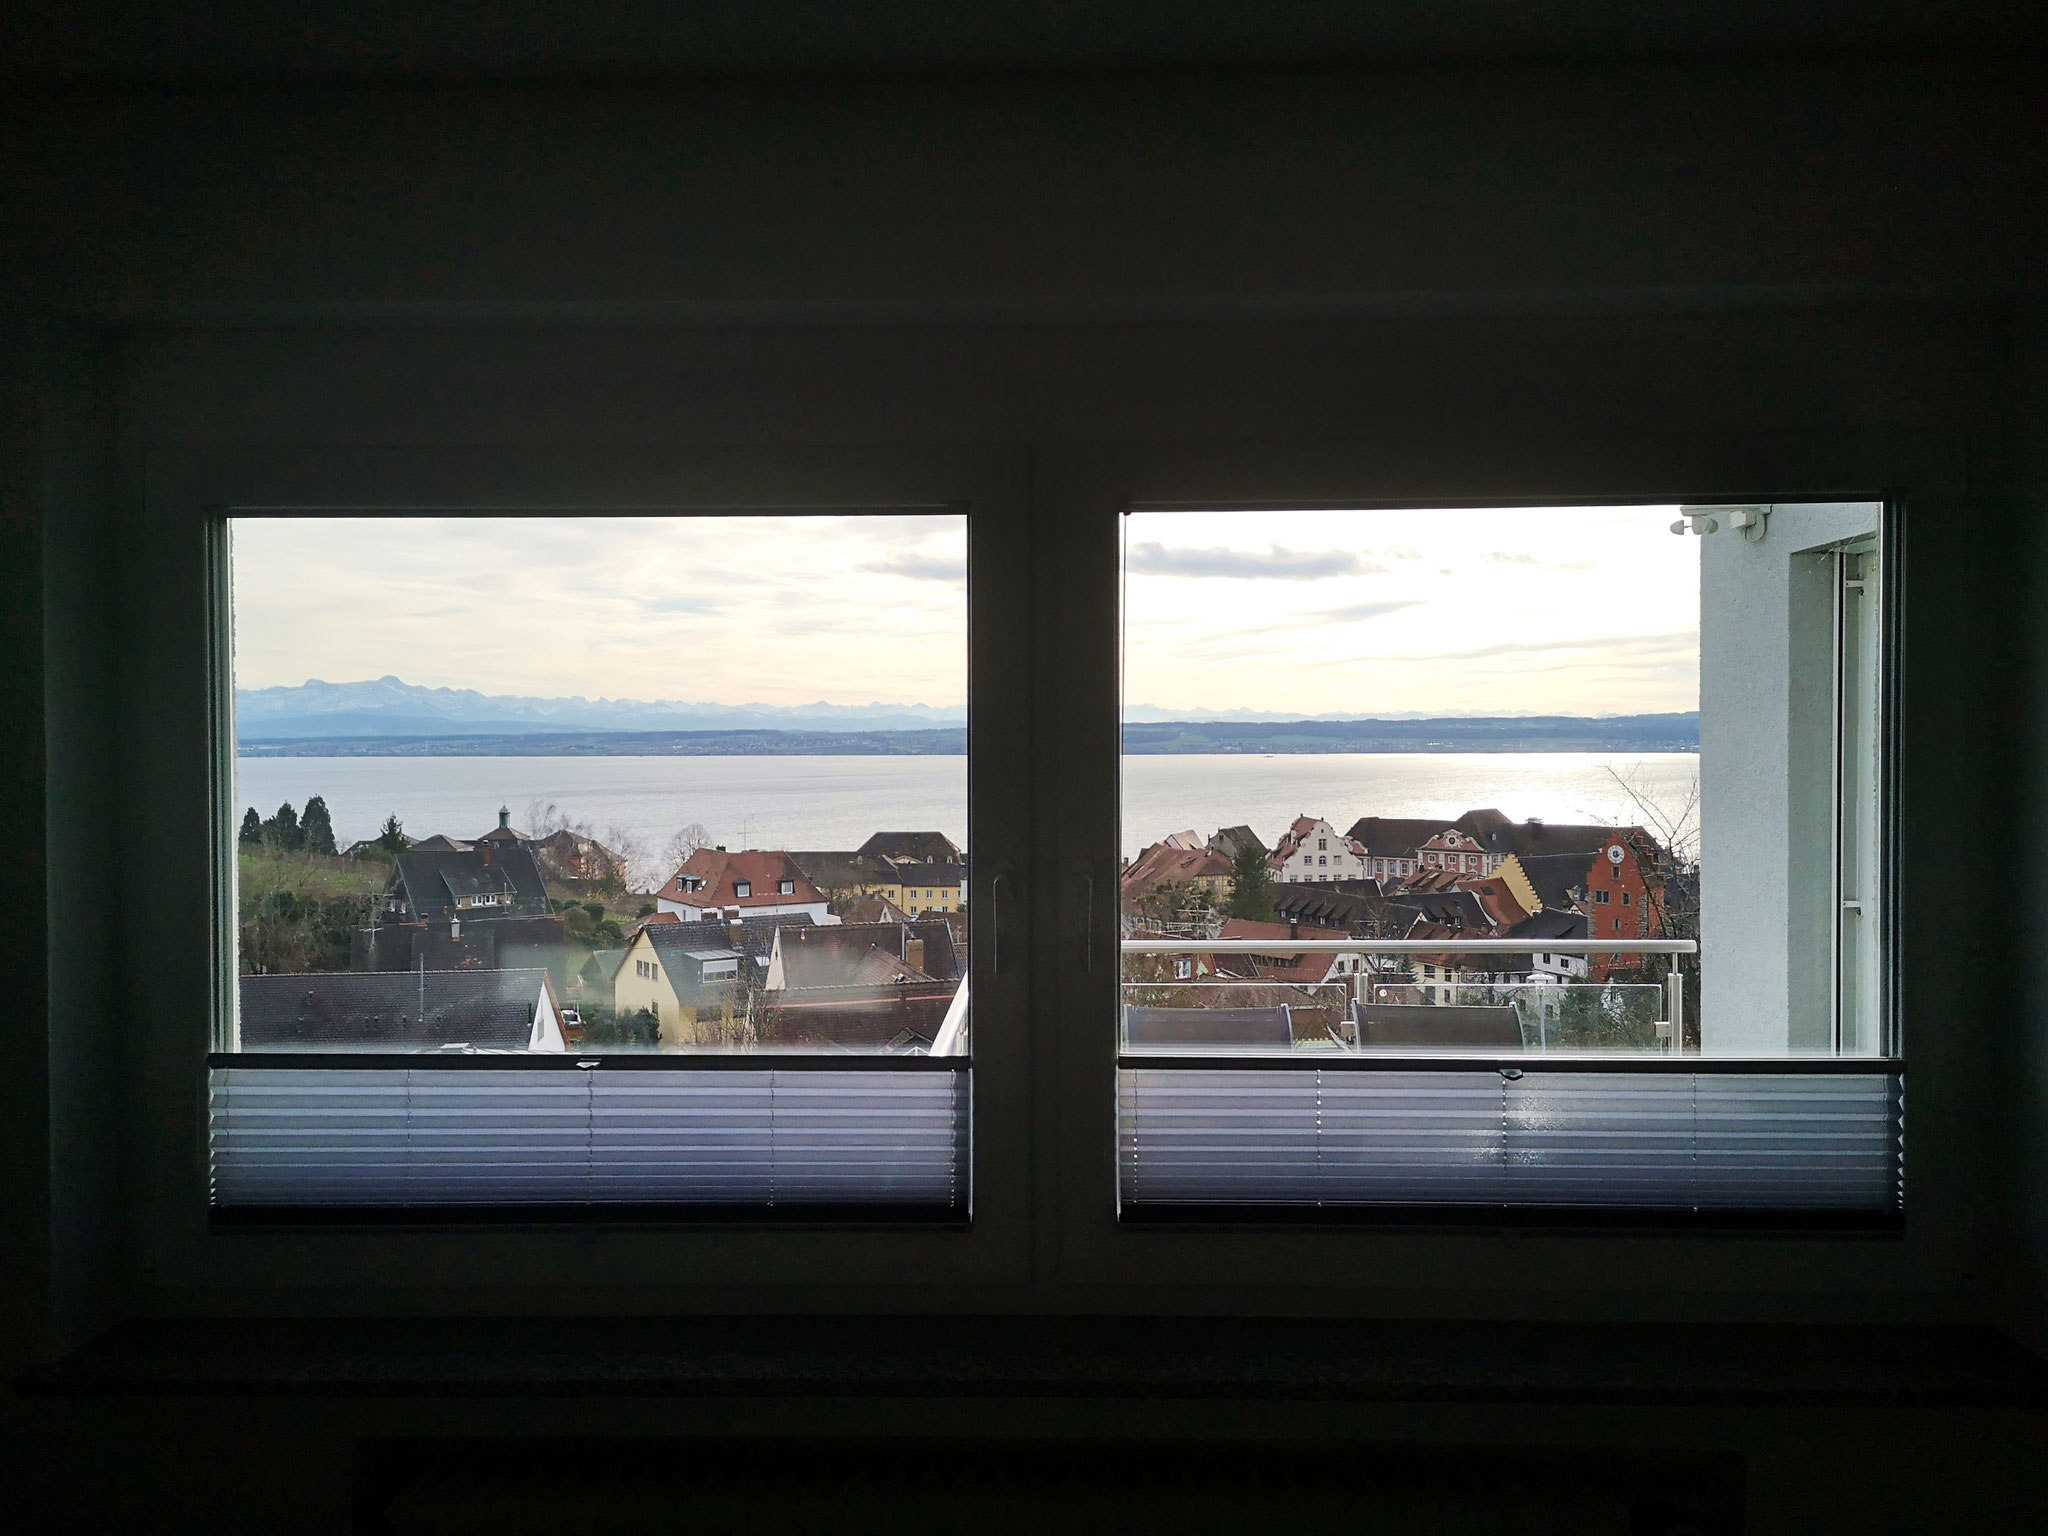 Ausblick auf dem See aus dem Schlafzimmer (Süd)